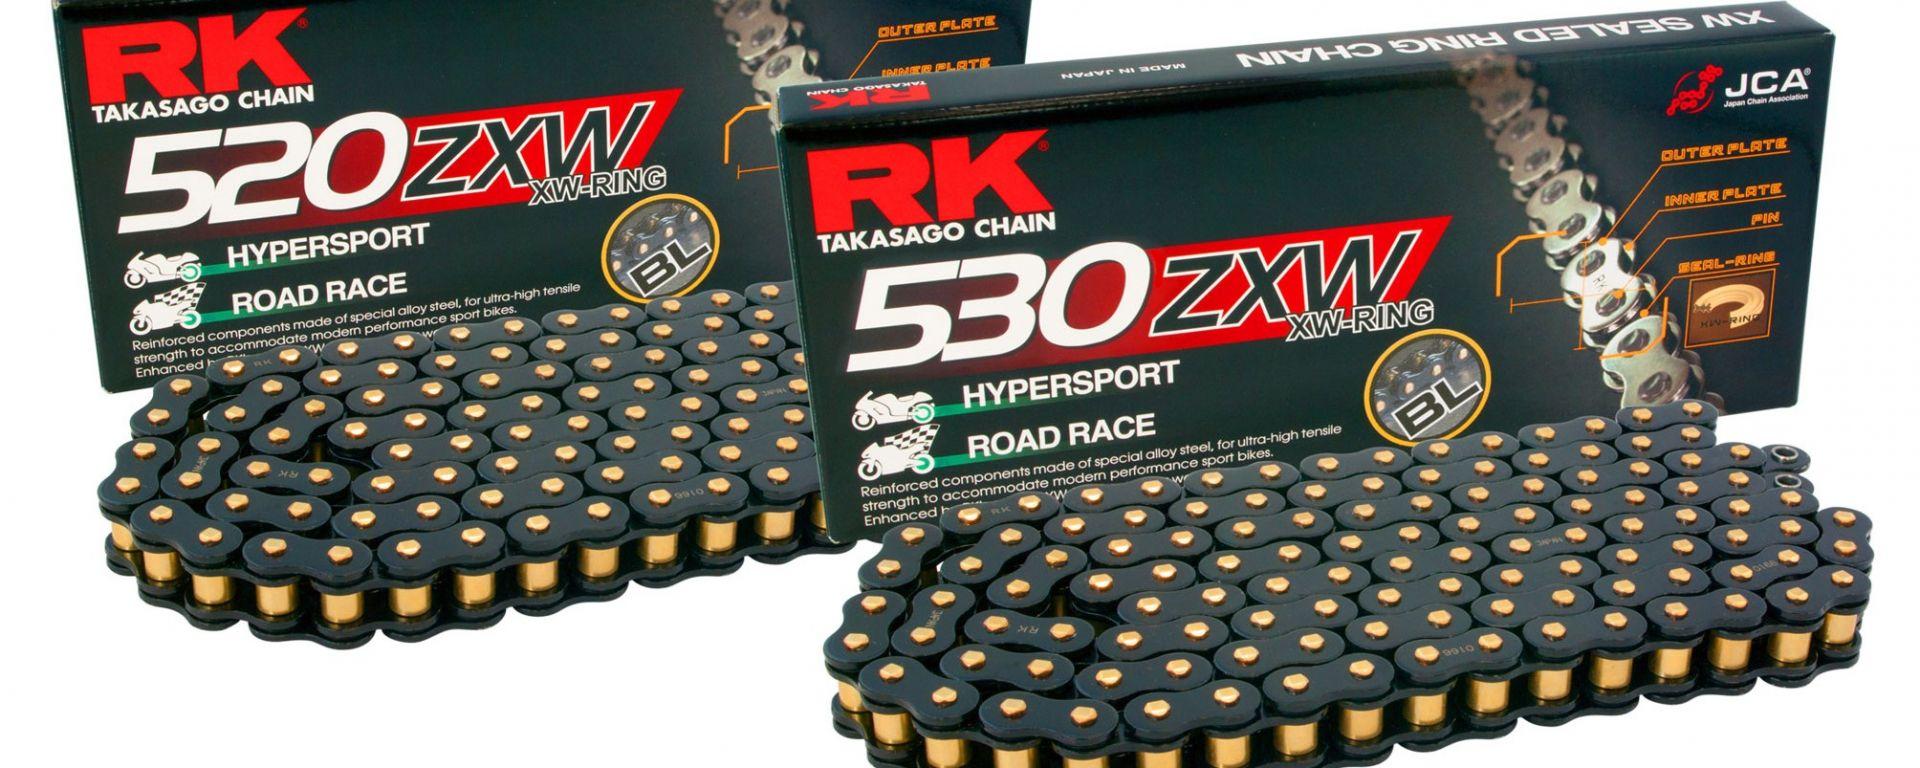 Catene RX 520 e 530